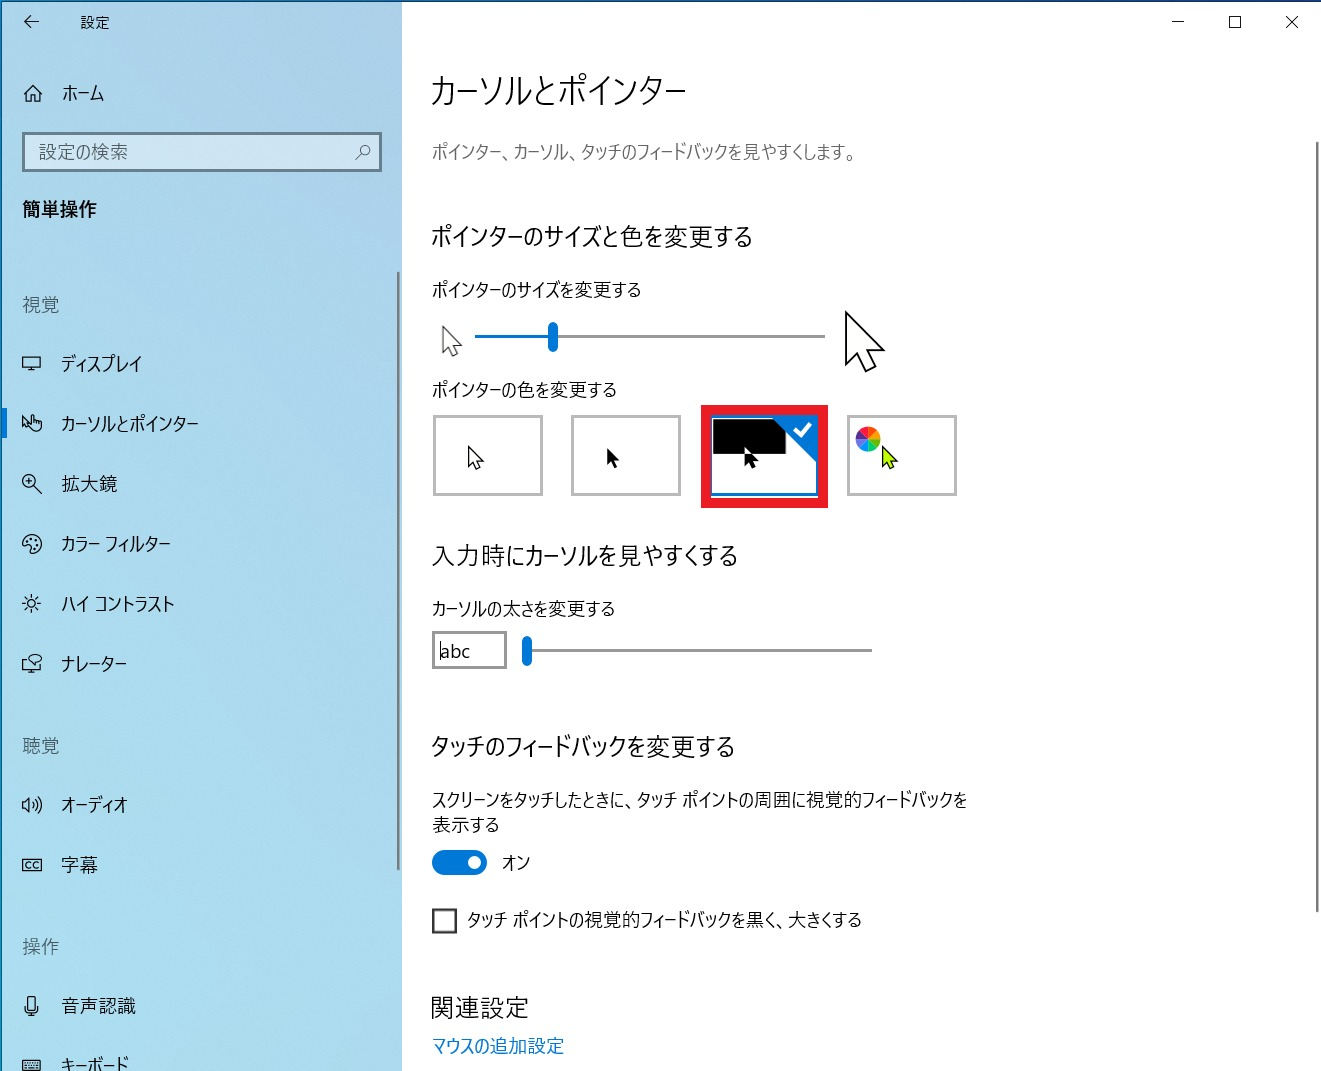 【業務効率UP】マウスアイコンを見やすくする方法【Windows10】